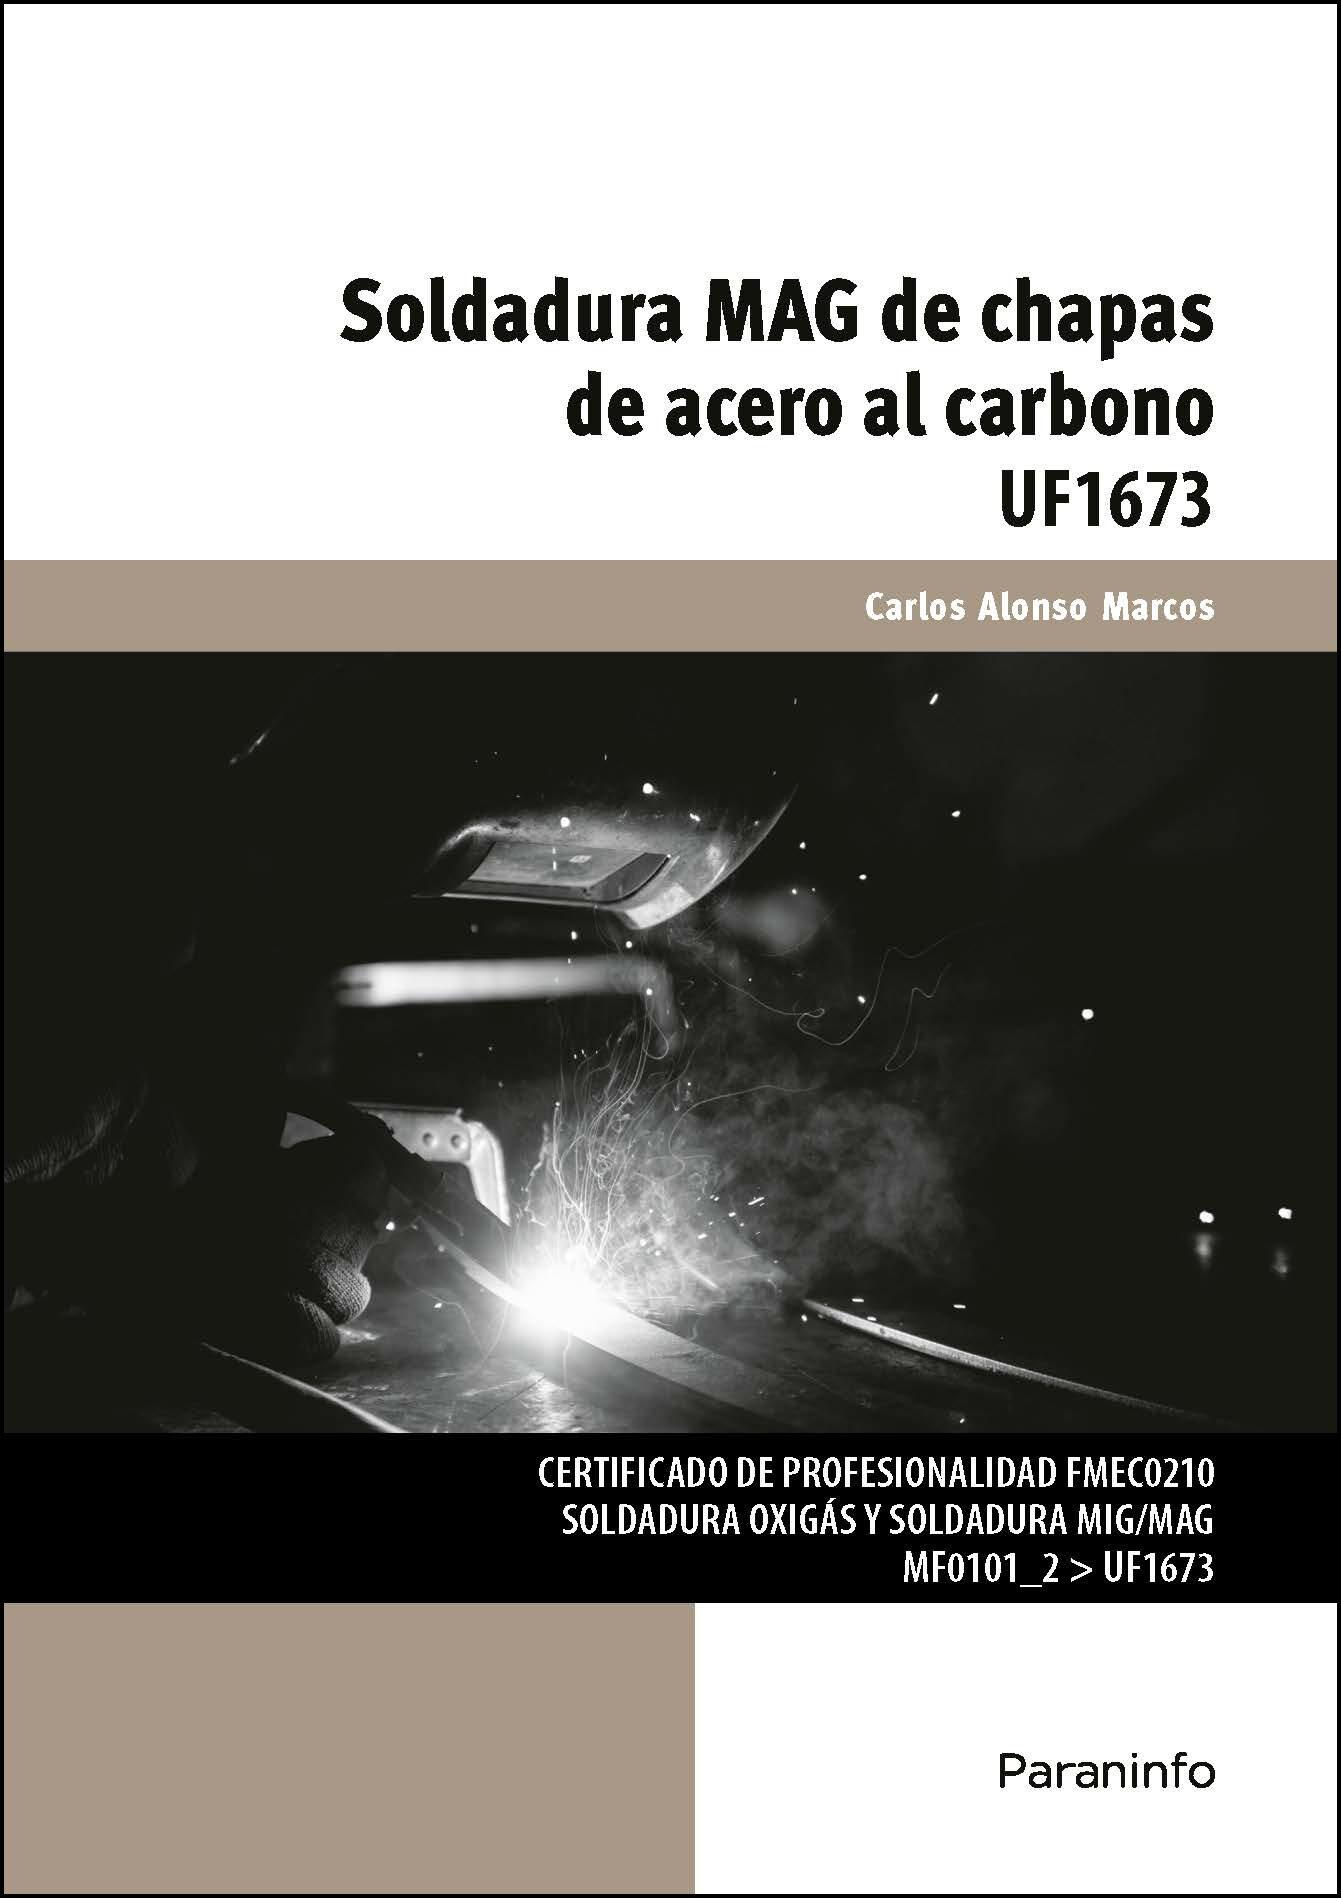 Uf1673 Soldadura Mag De Chapas De Acero Al Carbono - Alonso Marcos Carlos